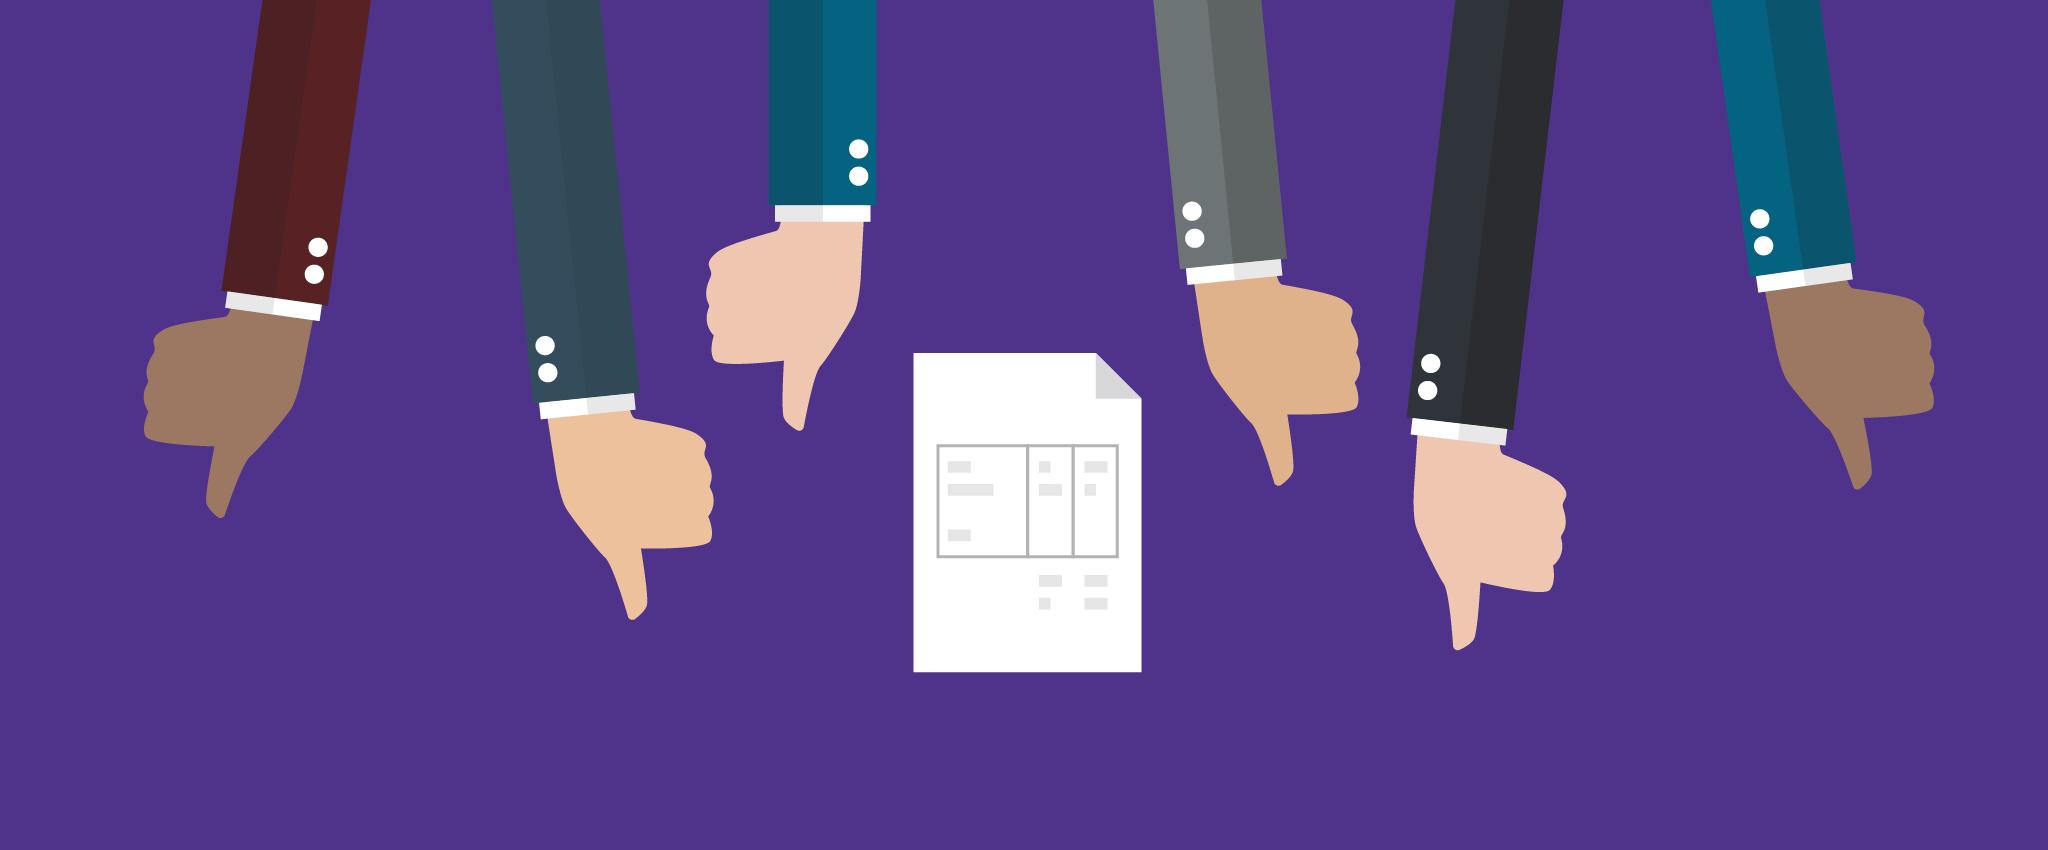 leeg ondernemingsplan downloaden Ondernemingsplan maken? Zo schrijf je een businessplan | Ikgastarten leeg ondernemingsplan downloaden